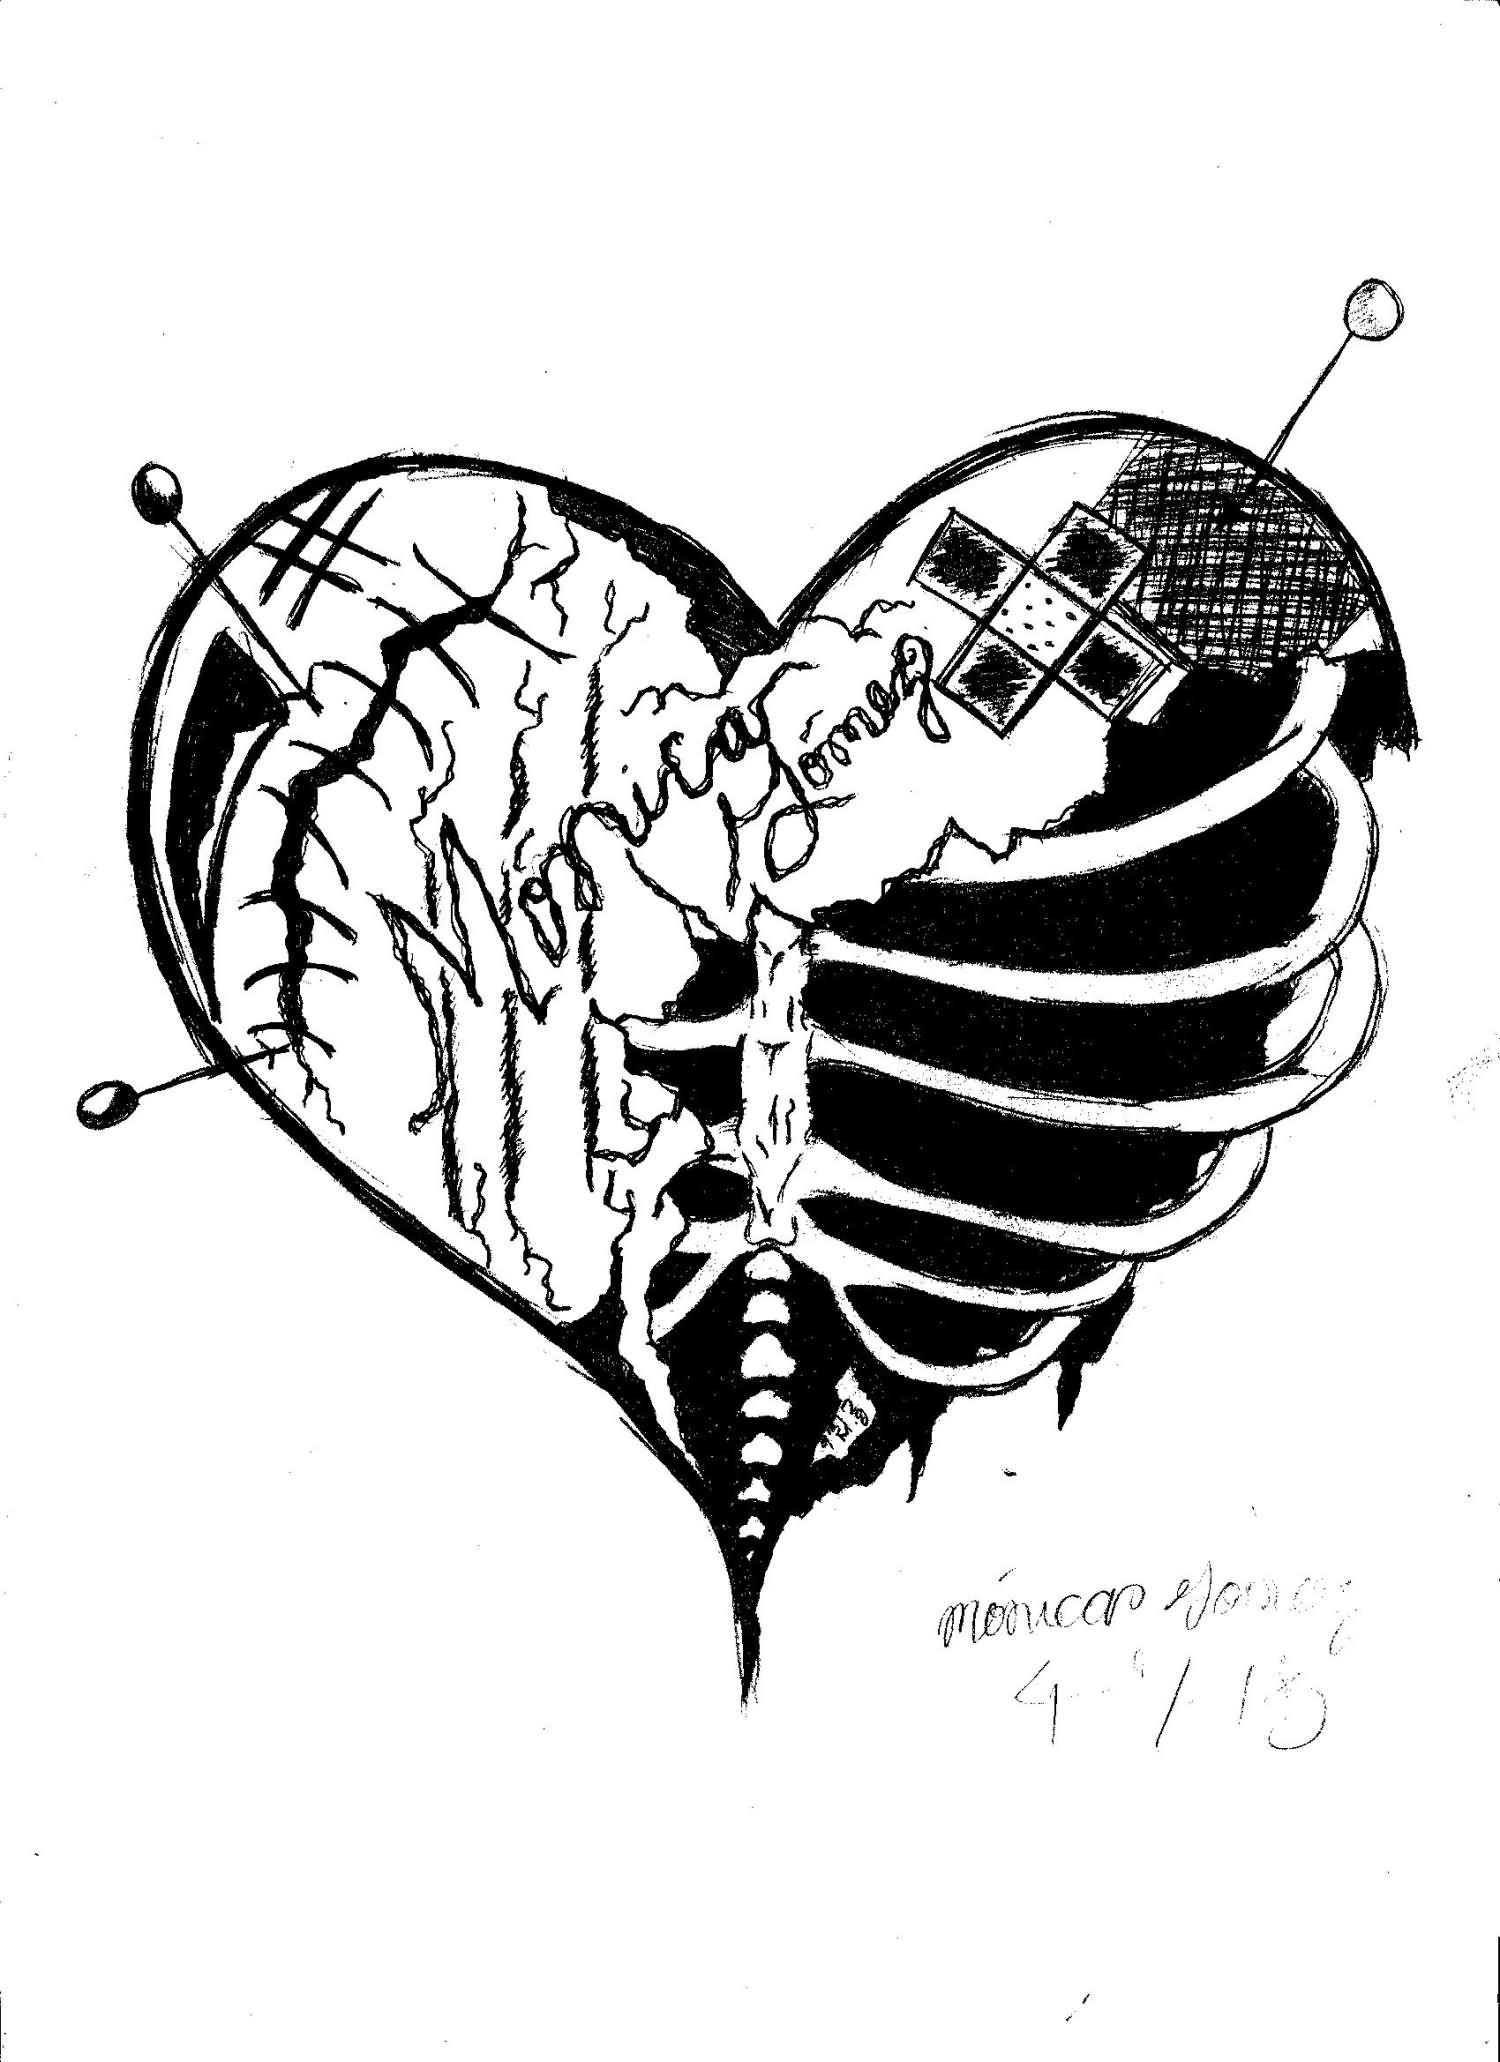 Monochrome rib cage broken heart tattoo design